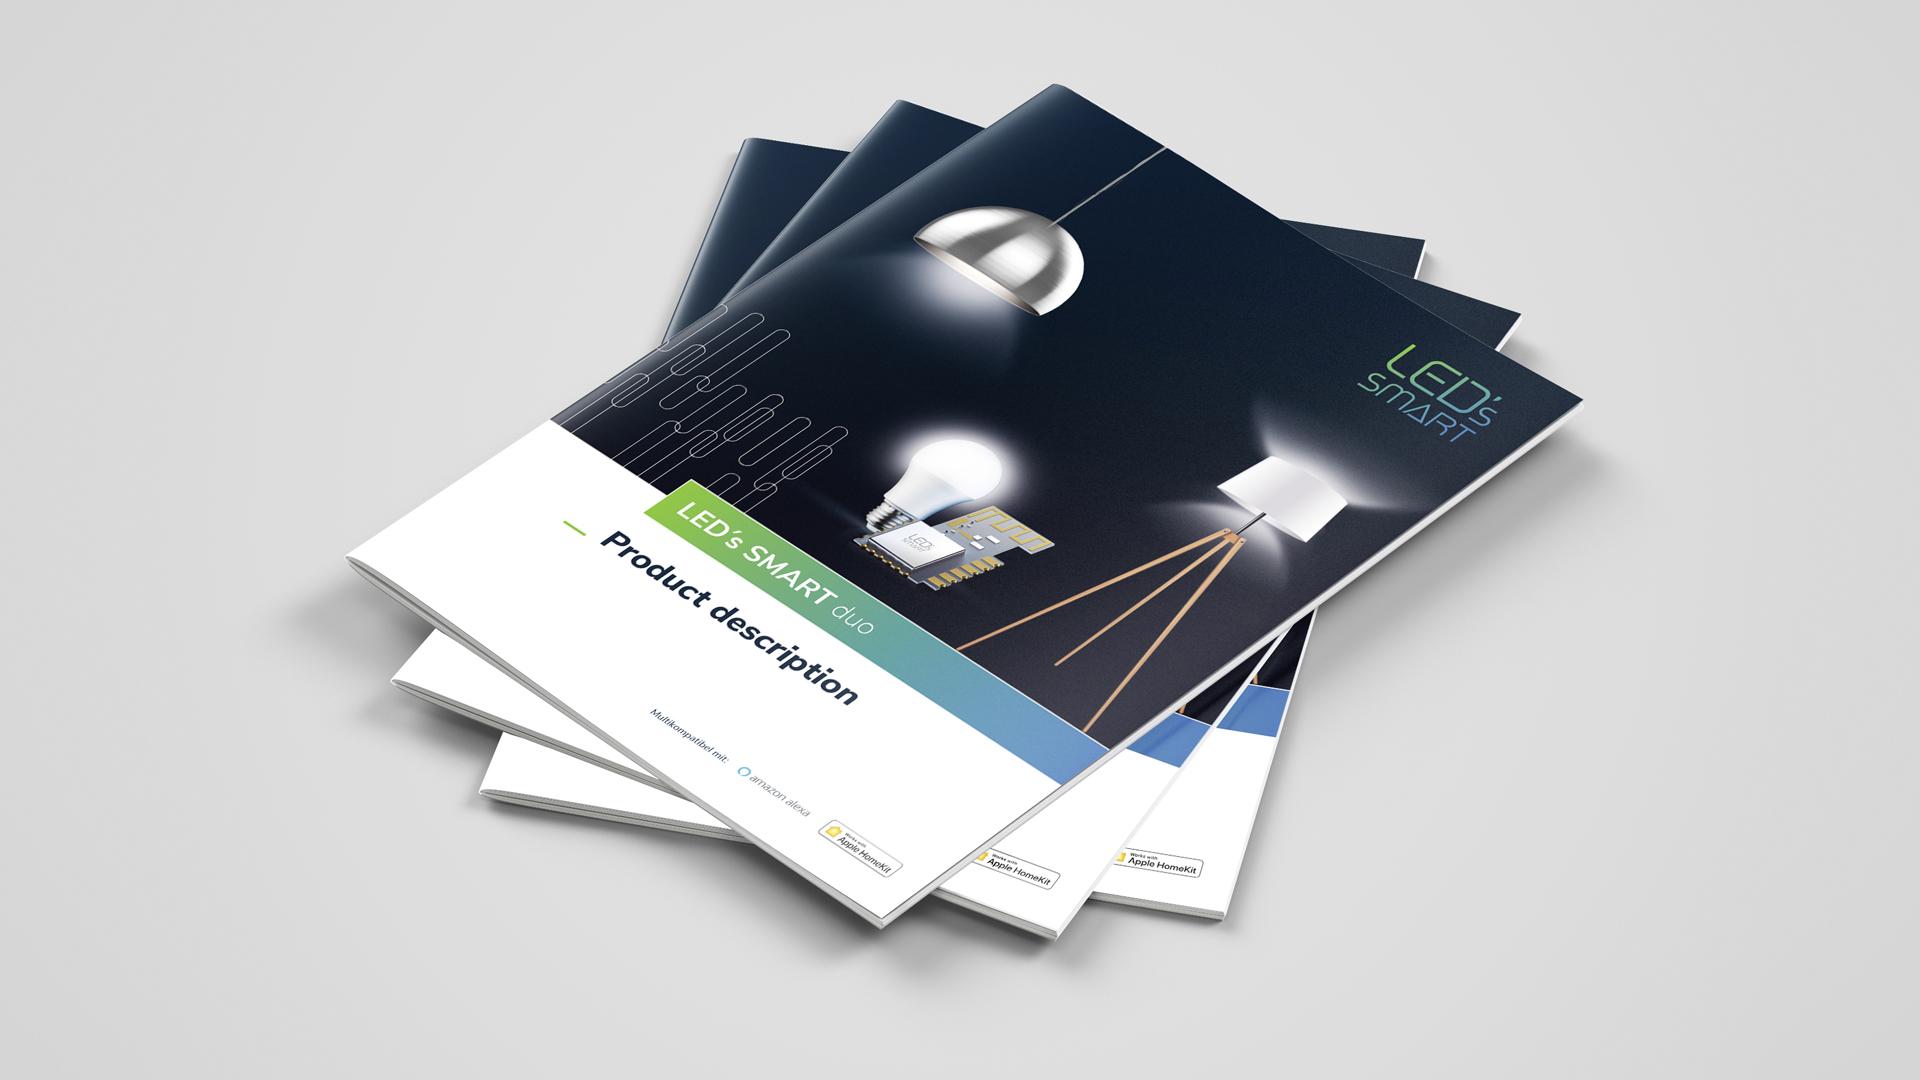 Markenentwicklung – Brand Design für smarte Lampensteuerung, Produktbroschüre